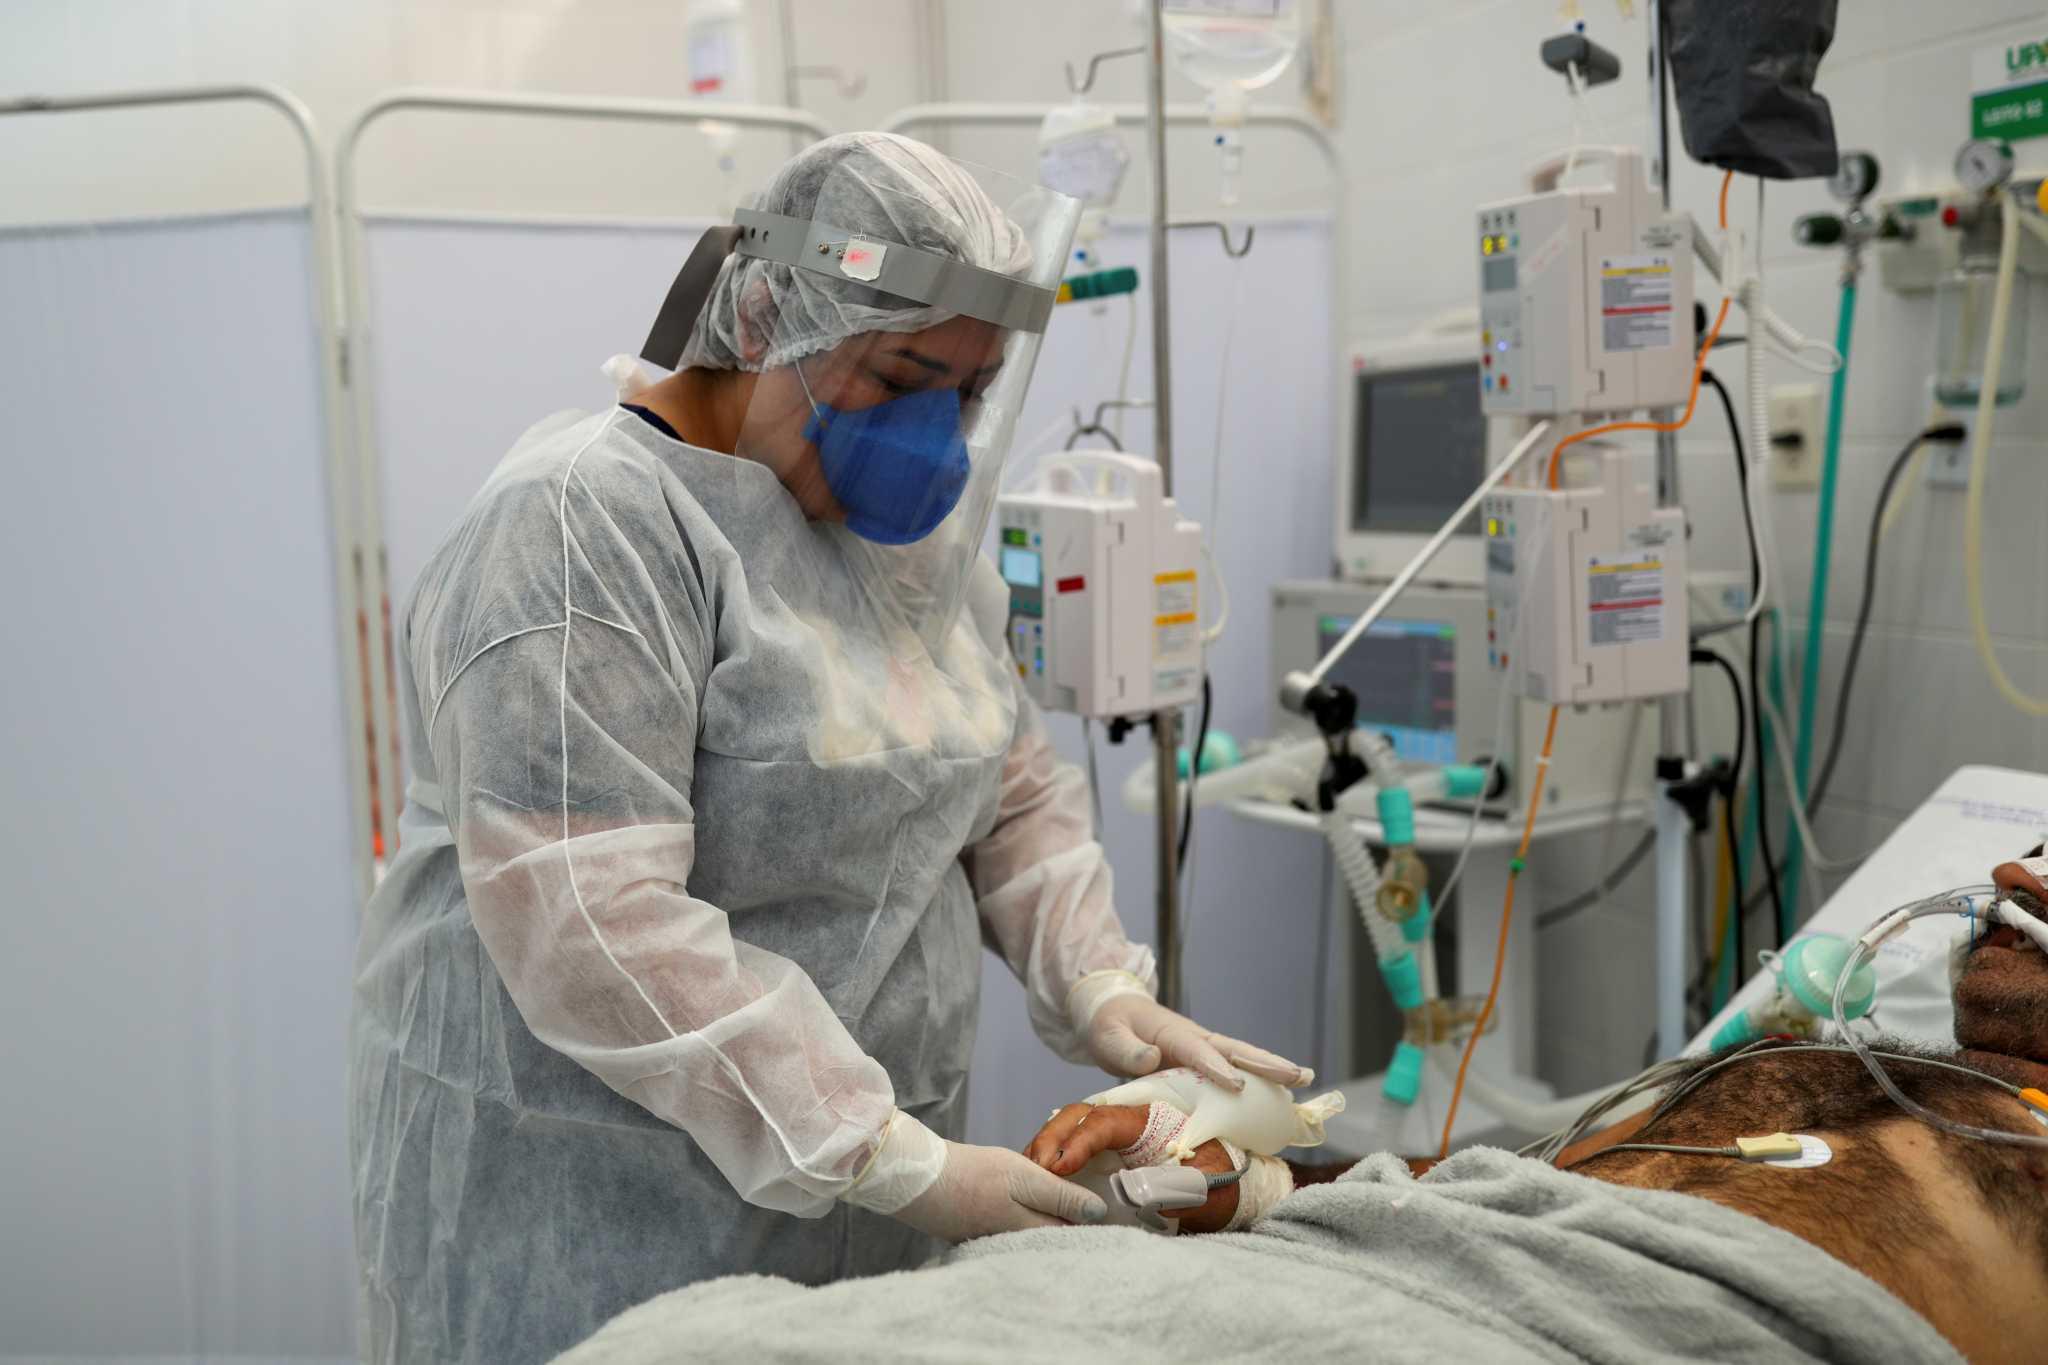 Κορονοϊός – Έρευνα: Μικρός κίνδυνος μακροπρόθεσμων προβλημάτων για όσους δεν νοσηλεύτηκαν